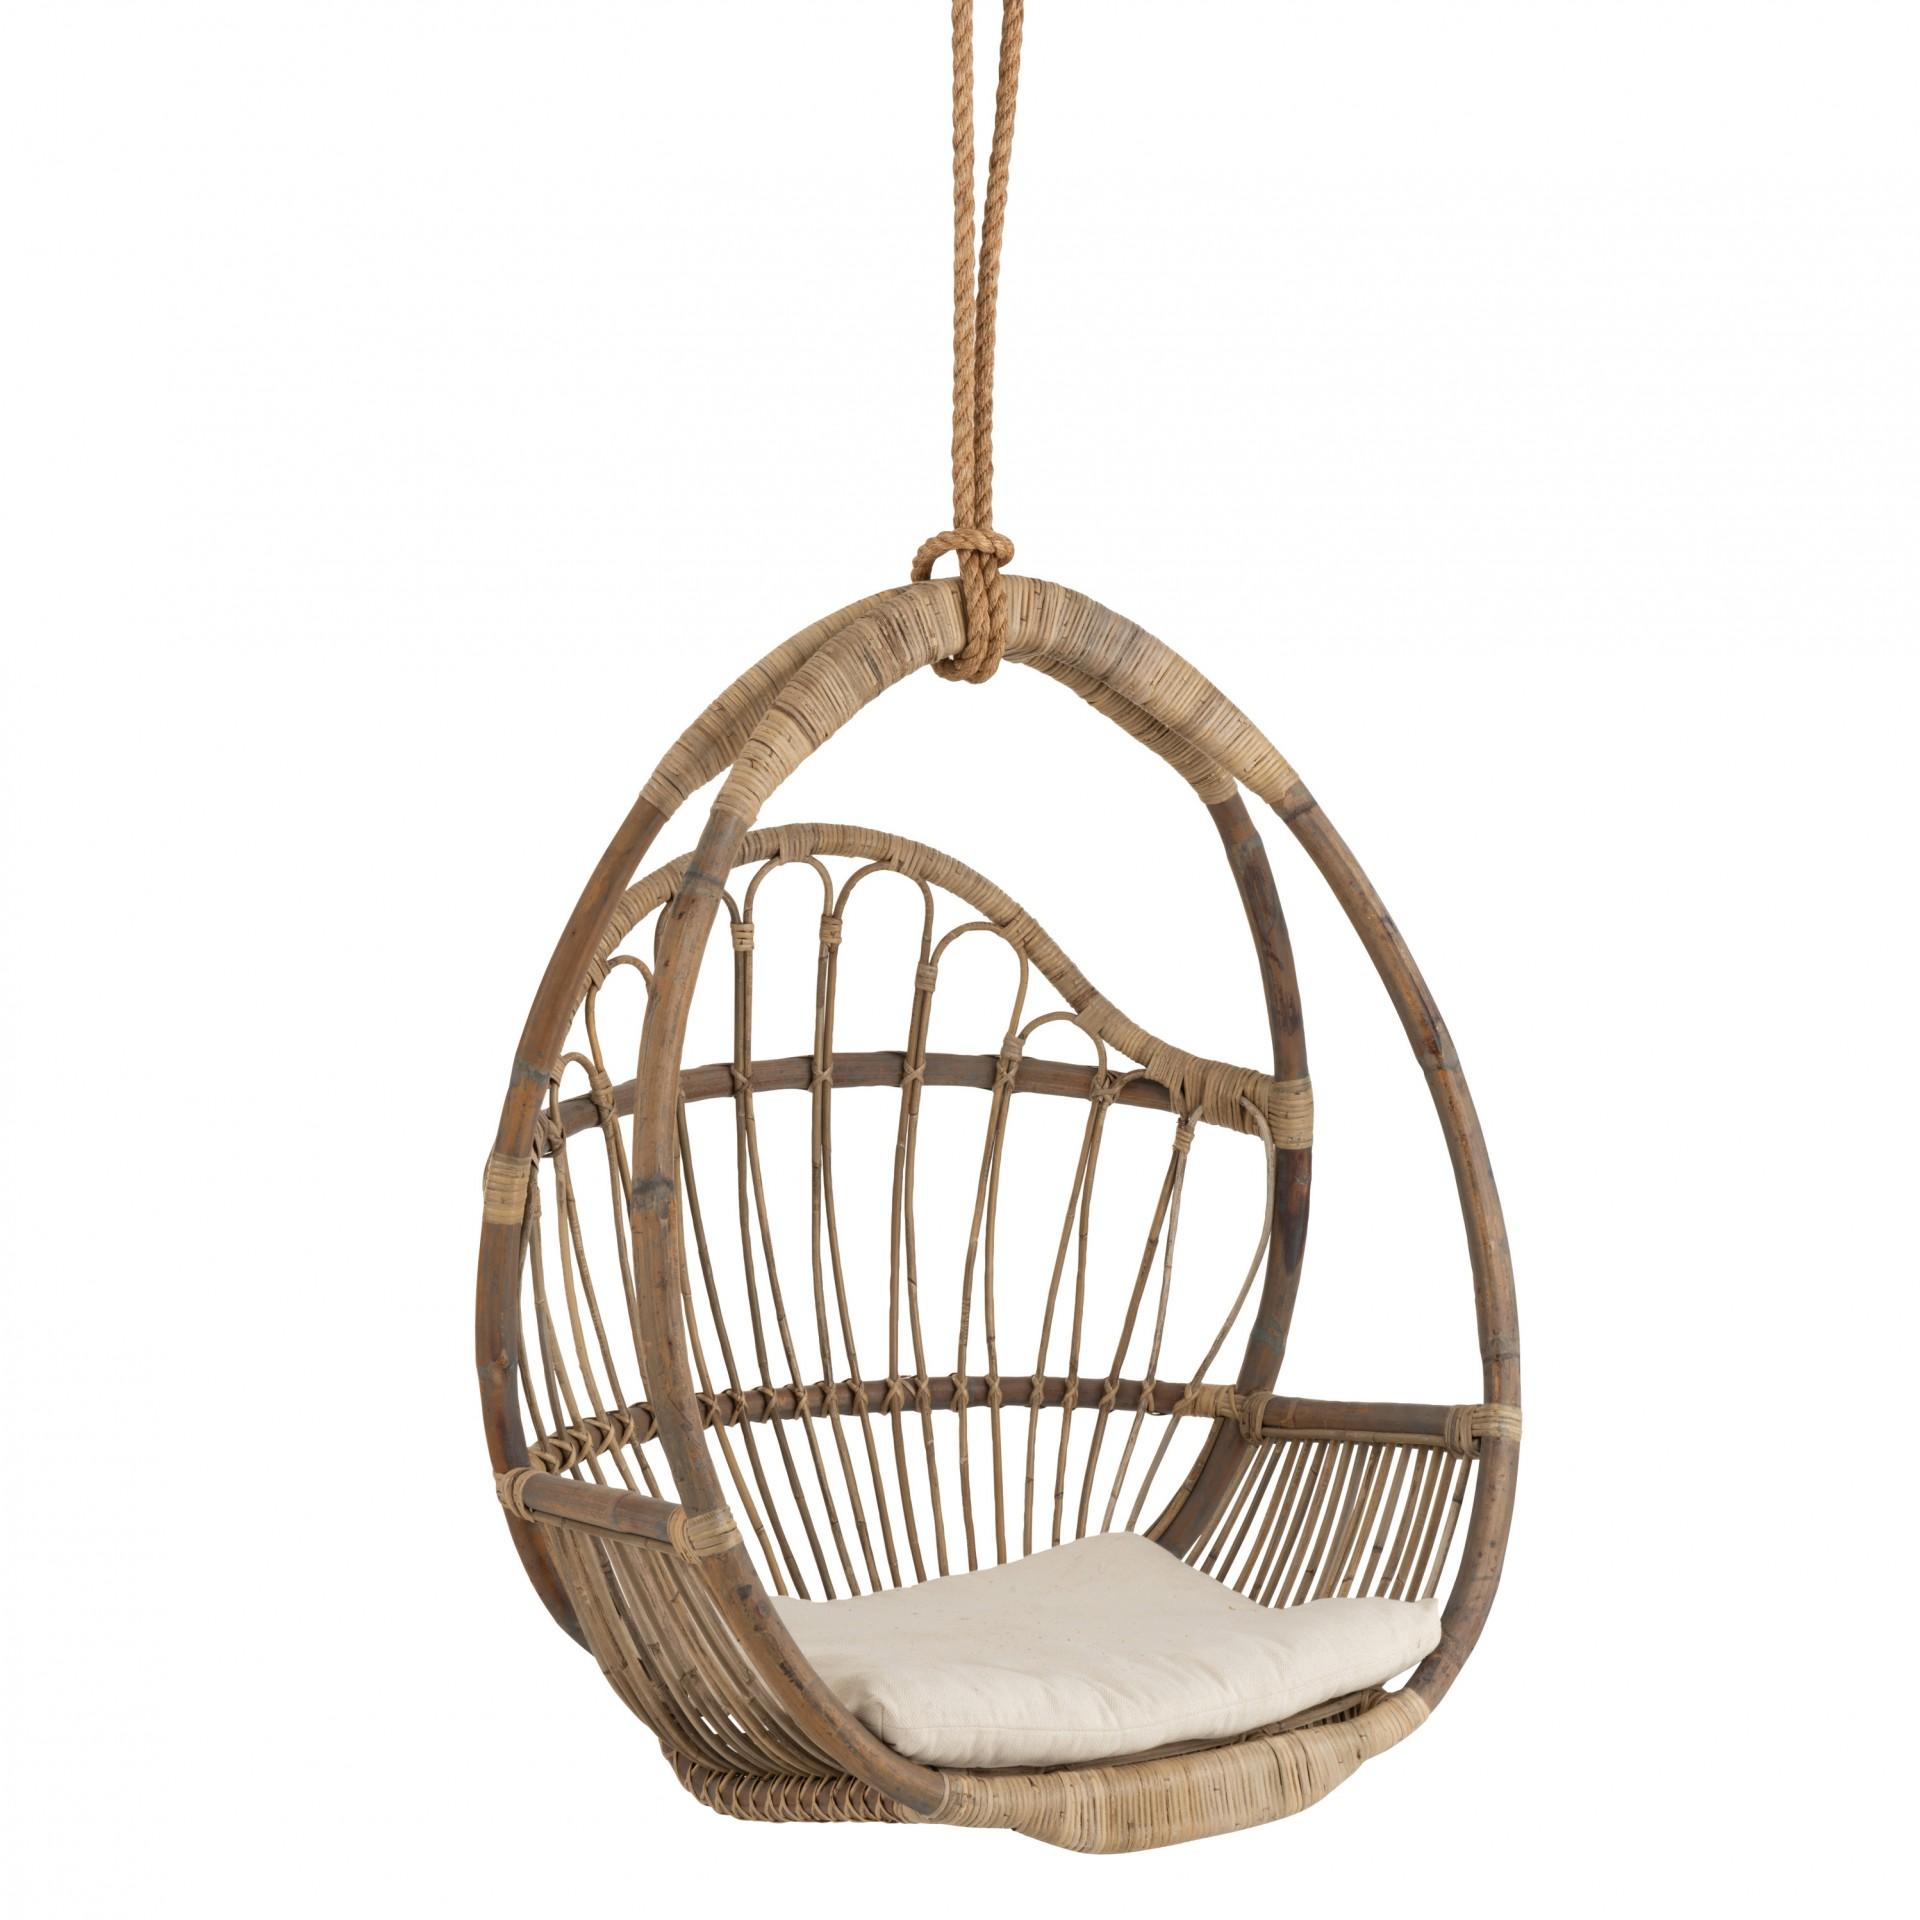 Cadeira suspensa Egg, c/almofada, vime natural, 88x63x109